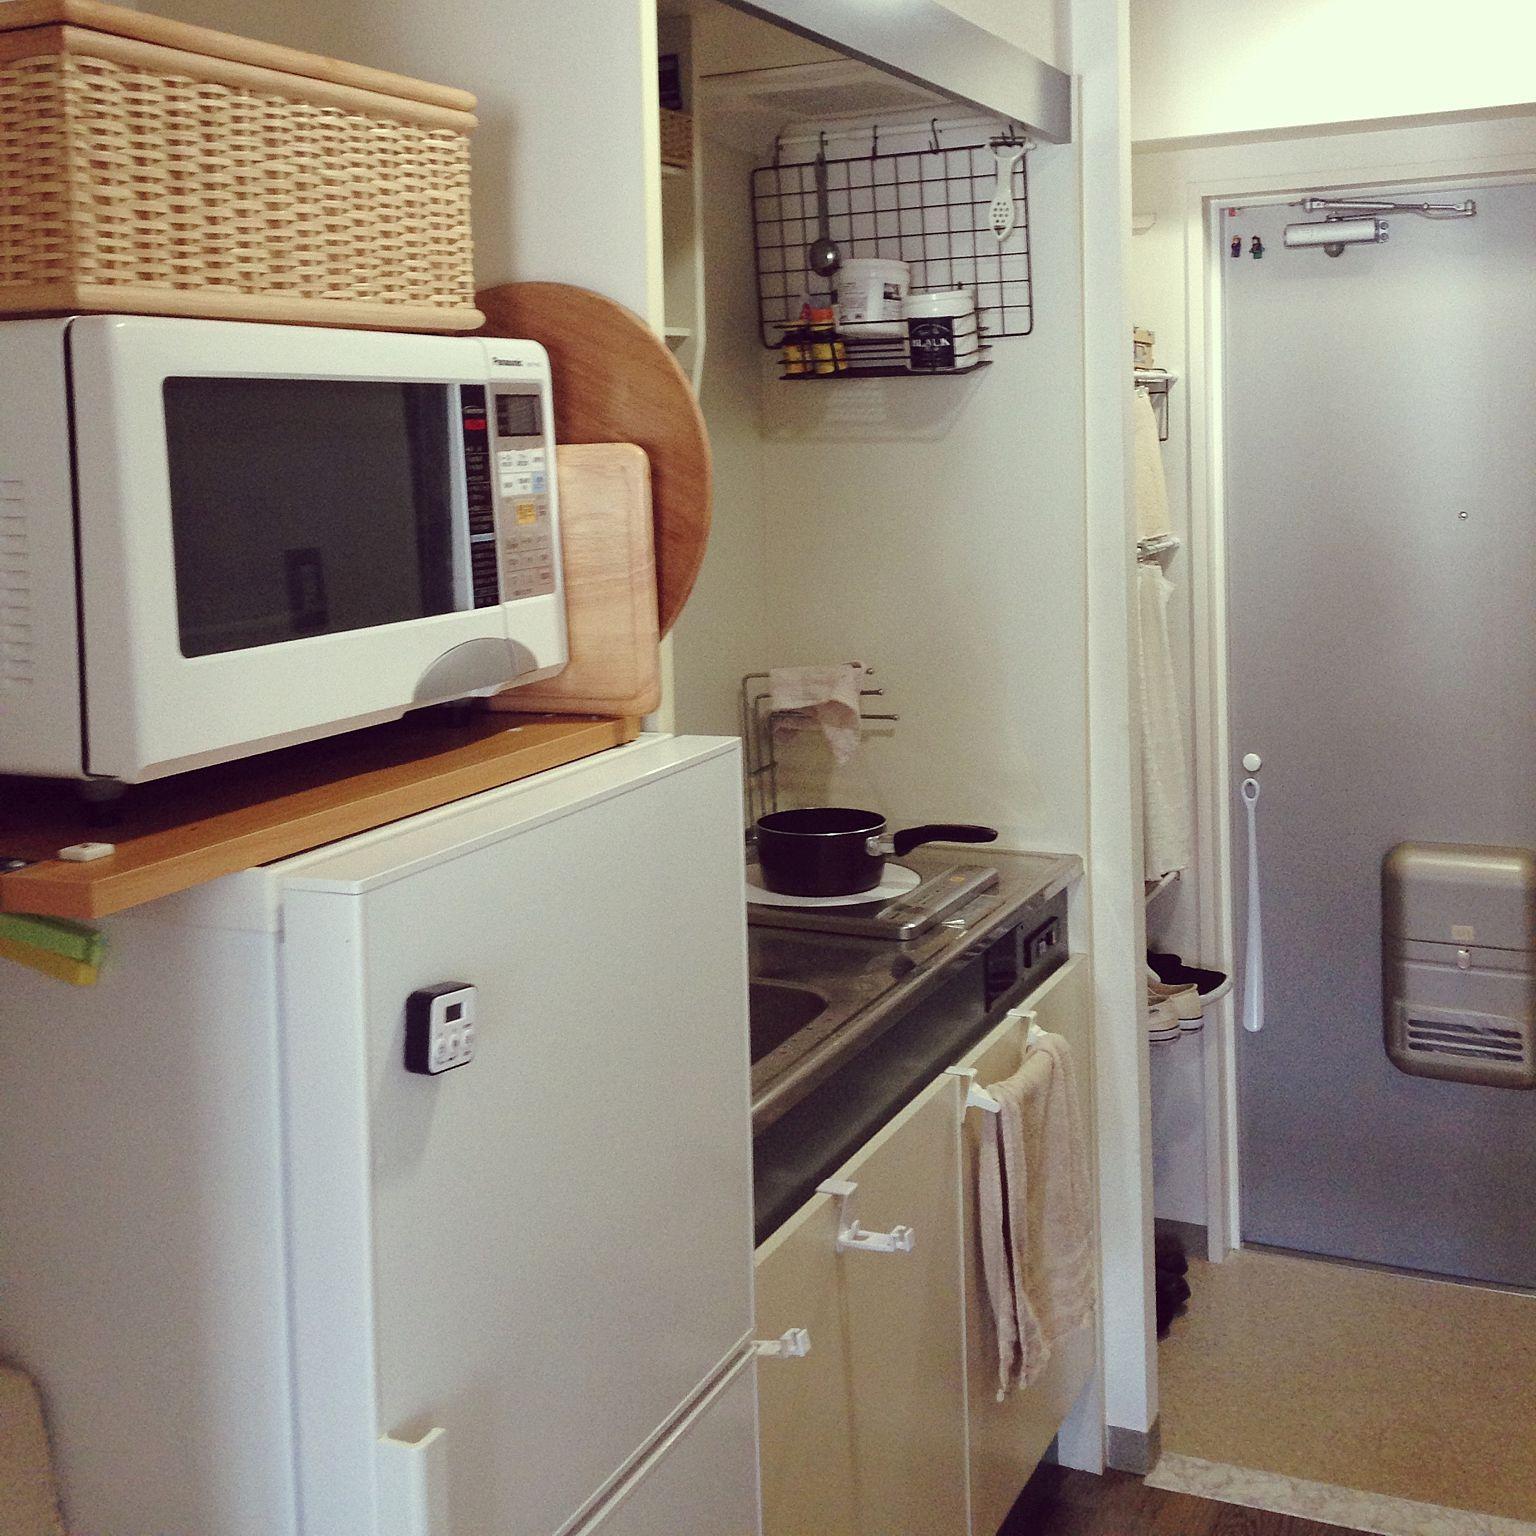 キッチン 無印良品 一人暮らし ミニマリストになりたい ナチュラル などのインテリア実例 2016 01 09 10 57 16 Roomclip ルームクリップ 狭いキッチン レイアウト アパートのインテリア インテリア